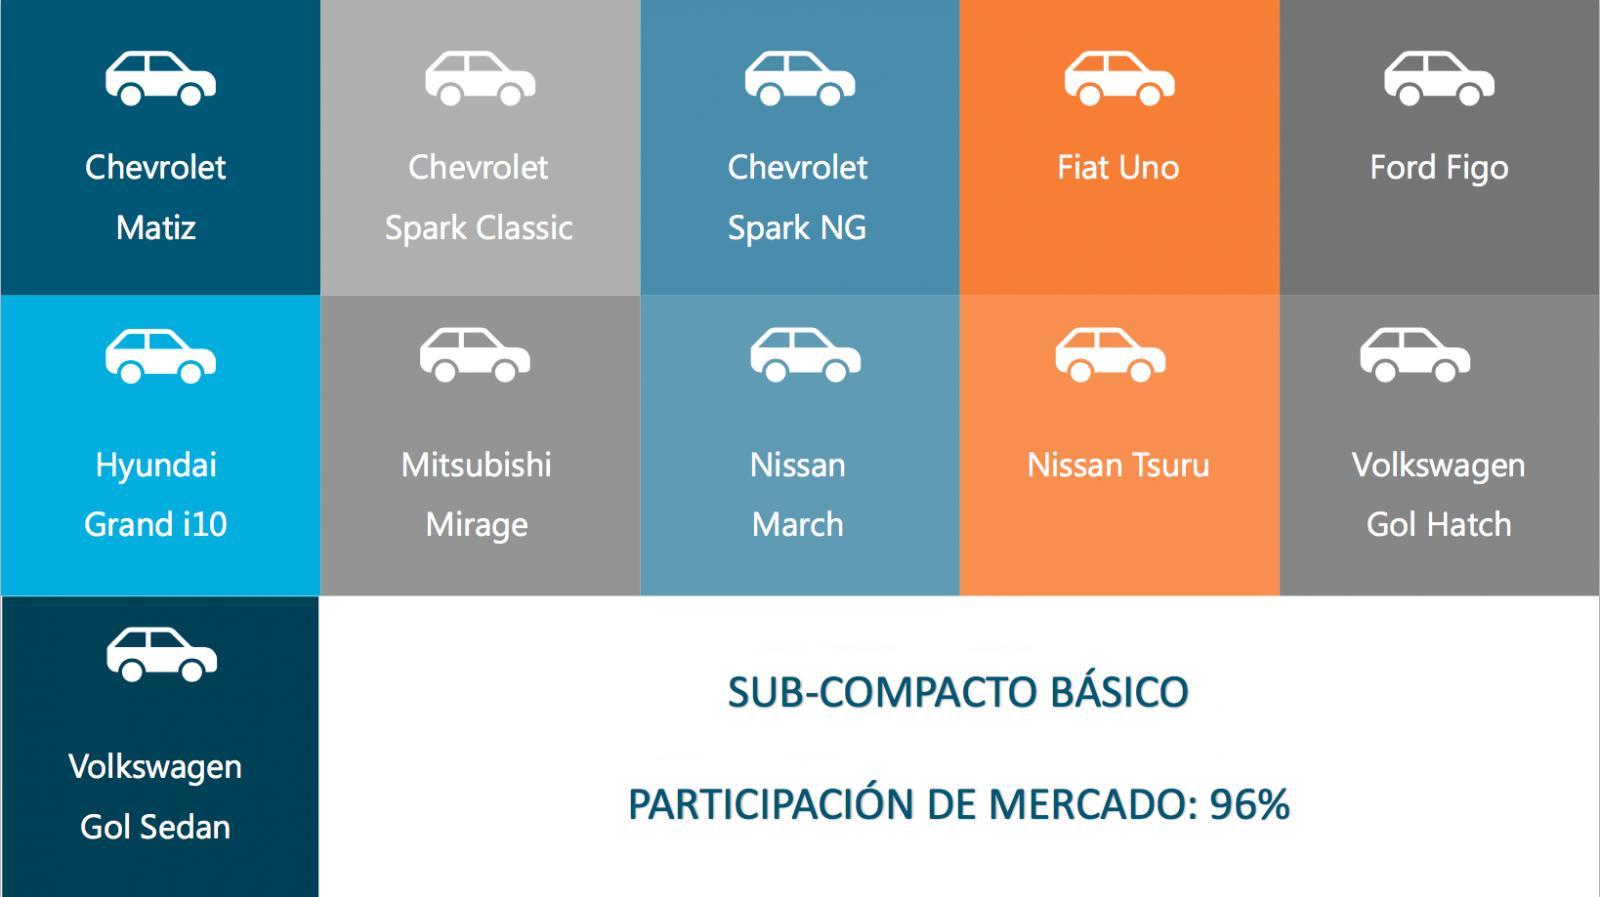 Como saber el precio de mi auto. Sub-Compacto básico